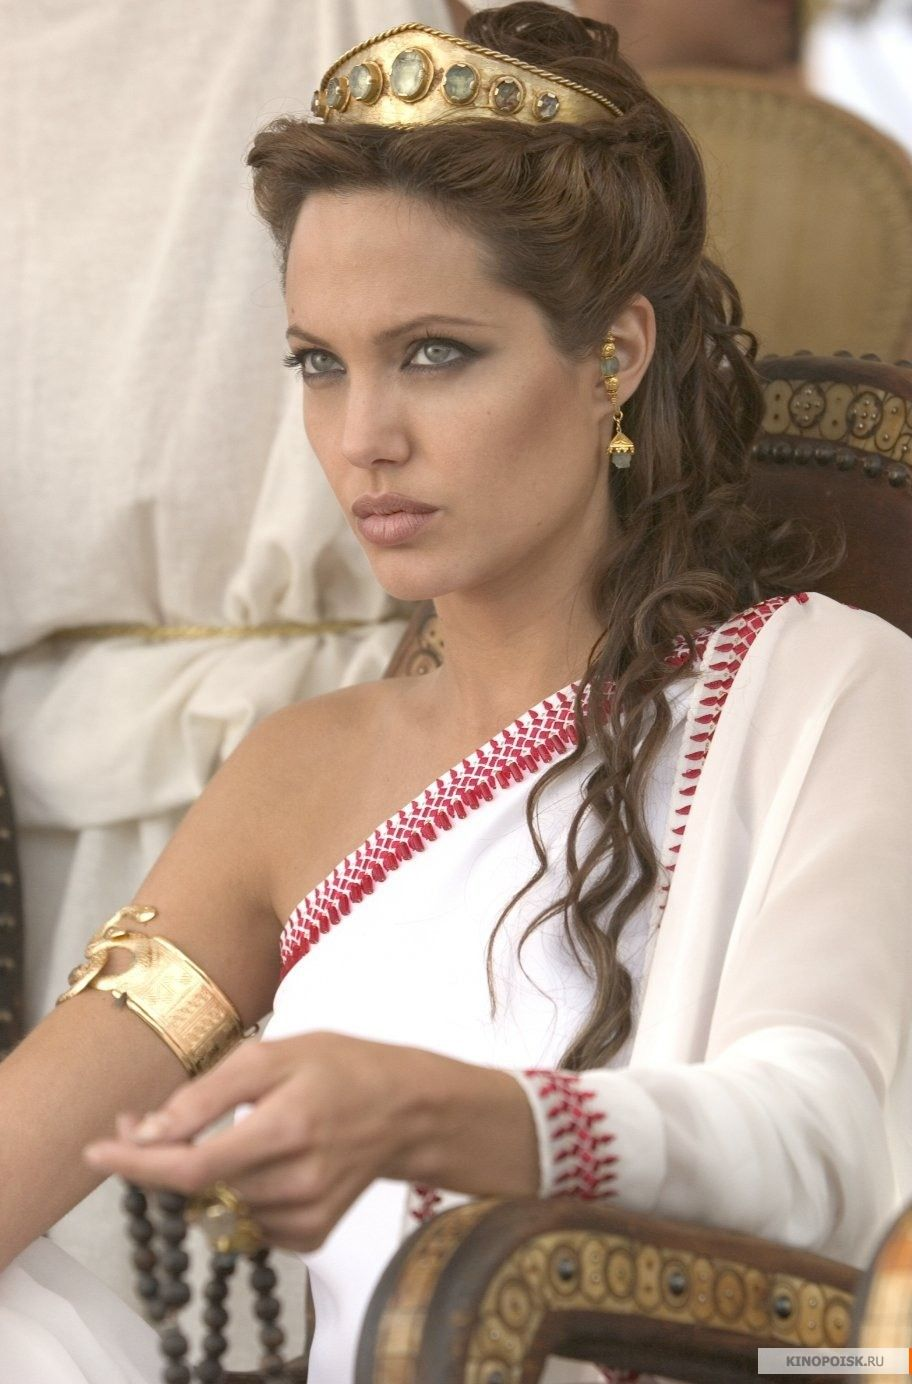 b45460b885cd Acconciature Dea Greca. Angelina Jolie ad Olympia in Alexander Capelli Per  Il Ballo Della Promozione